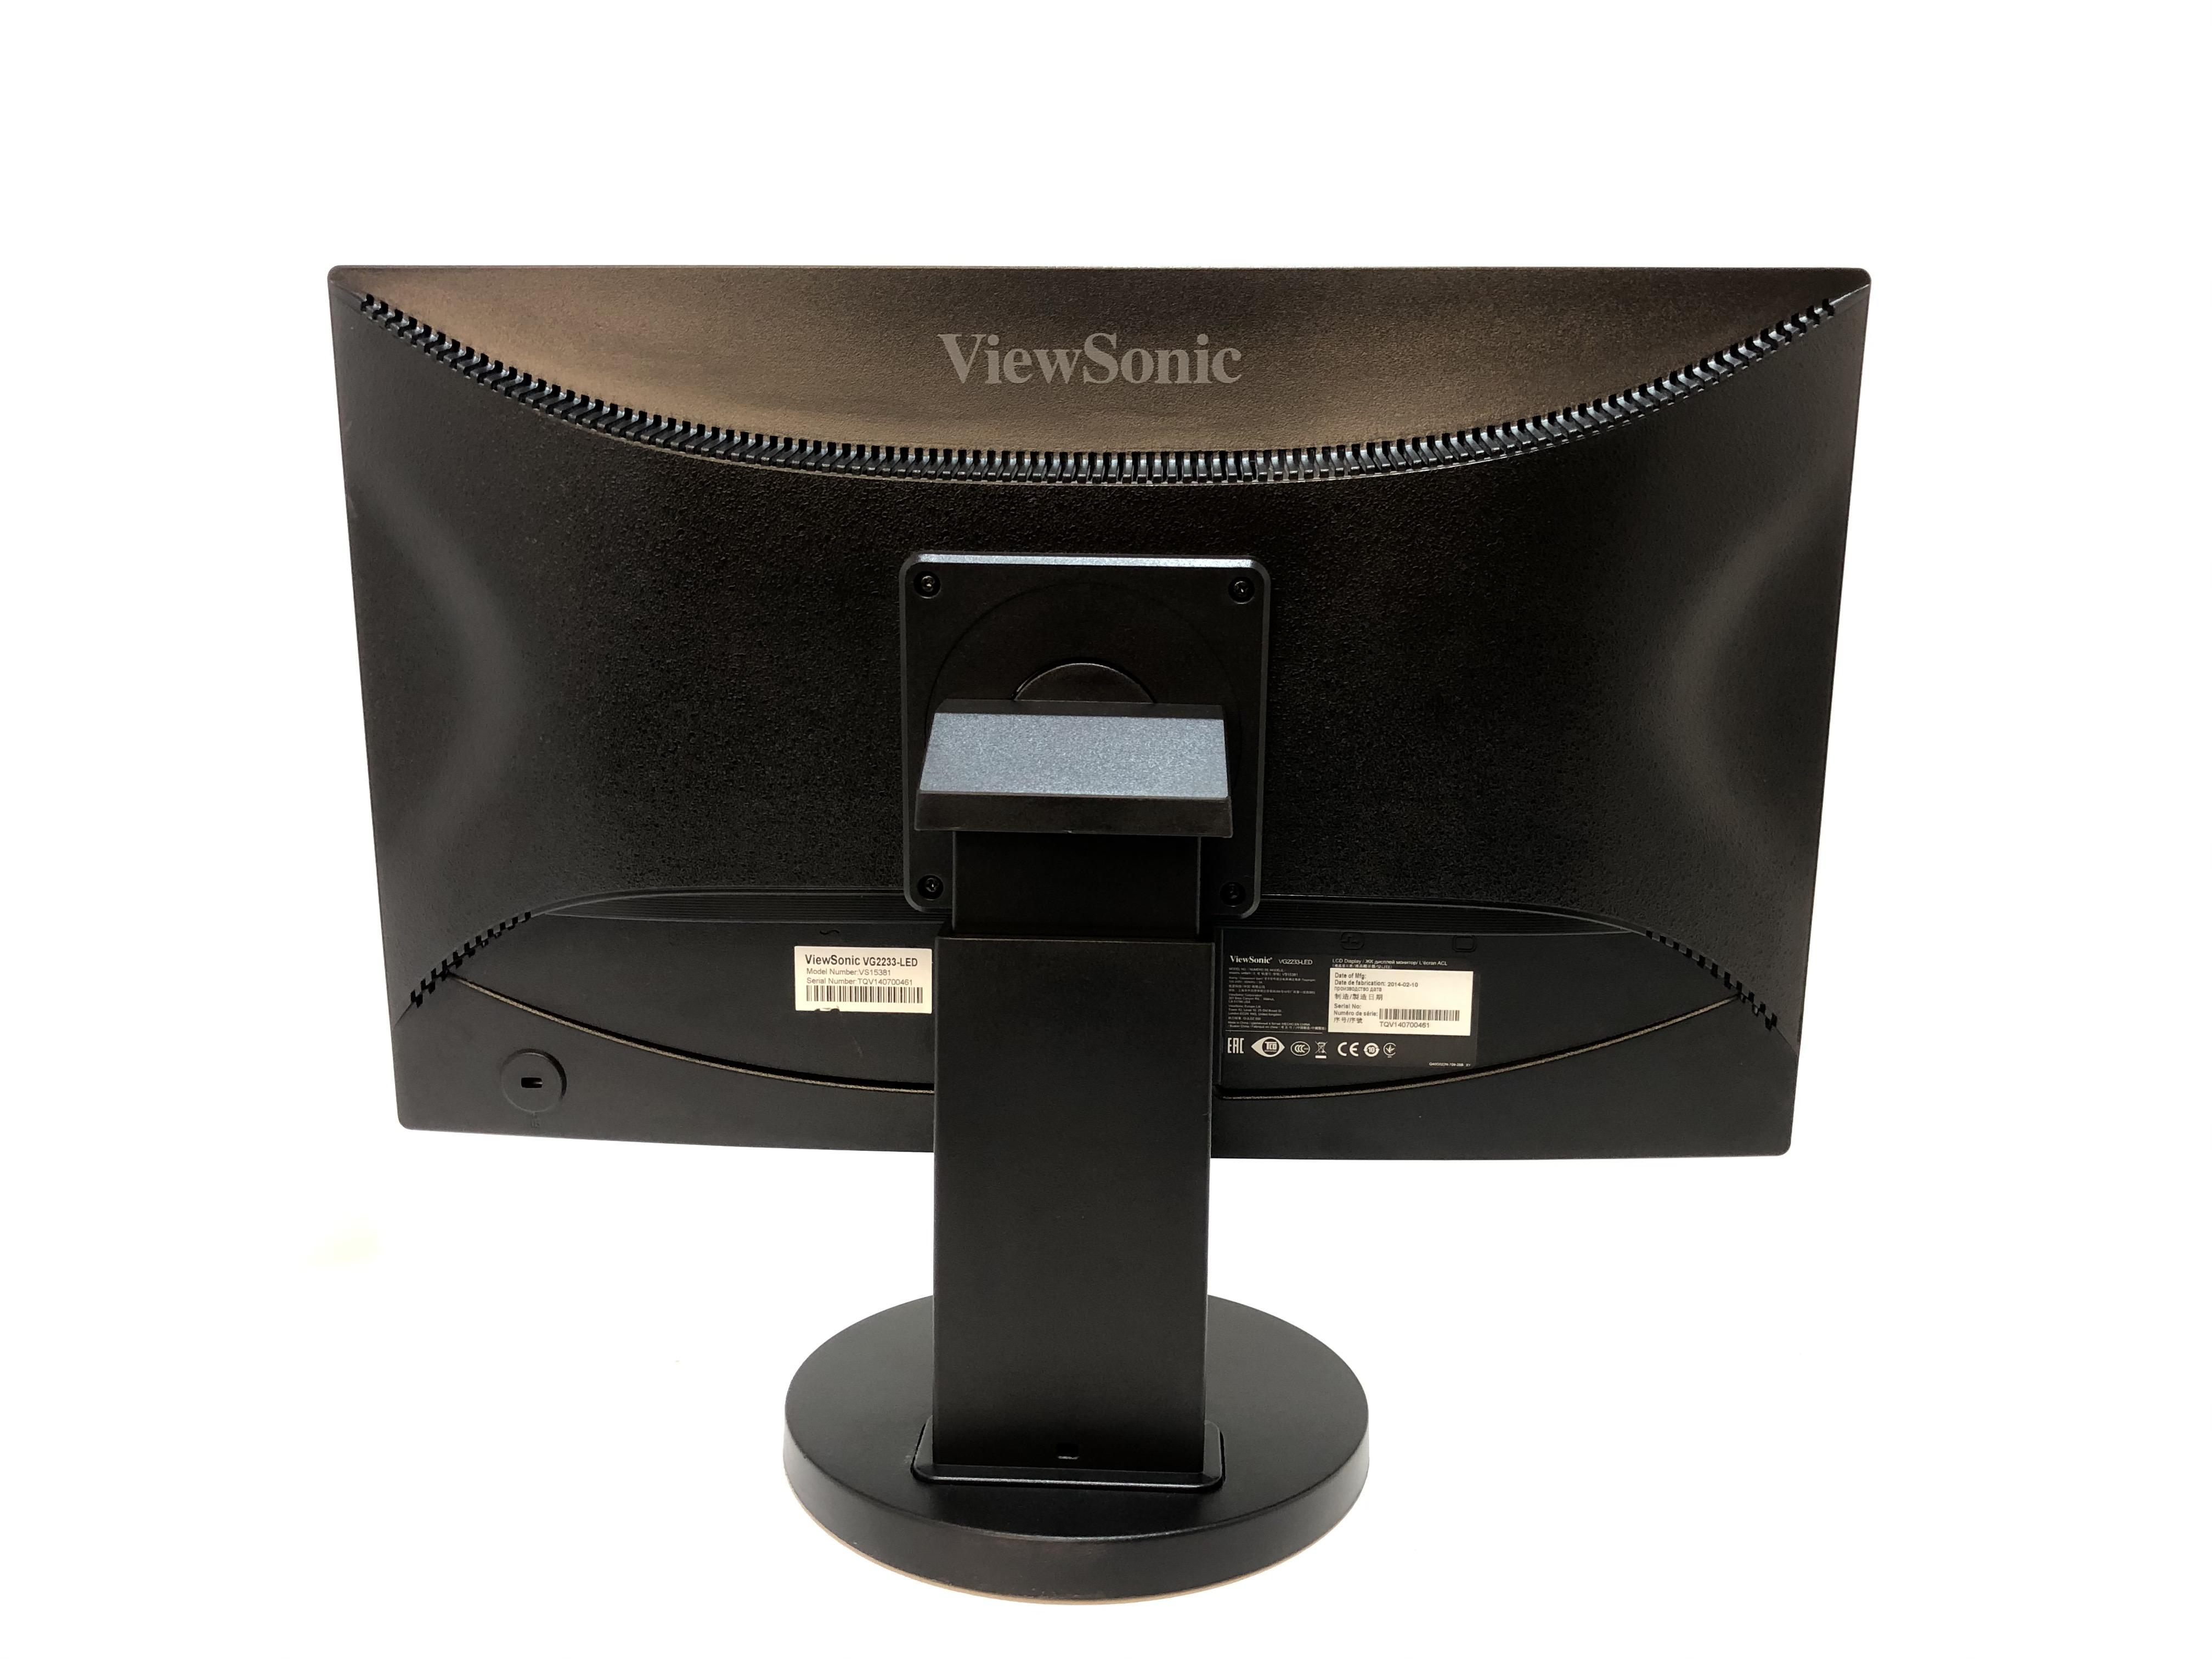 Viewsonic VG2233 No 5